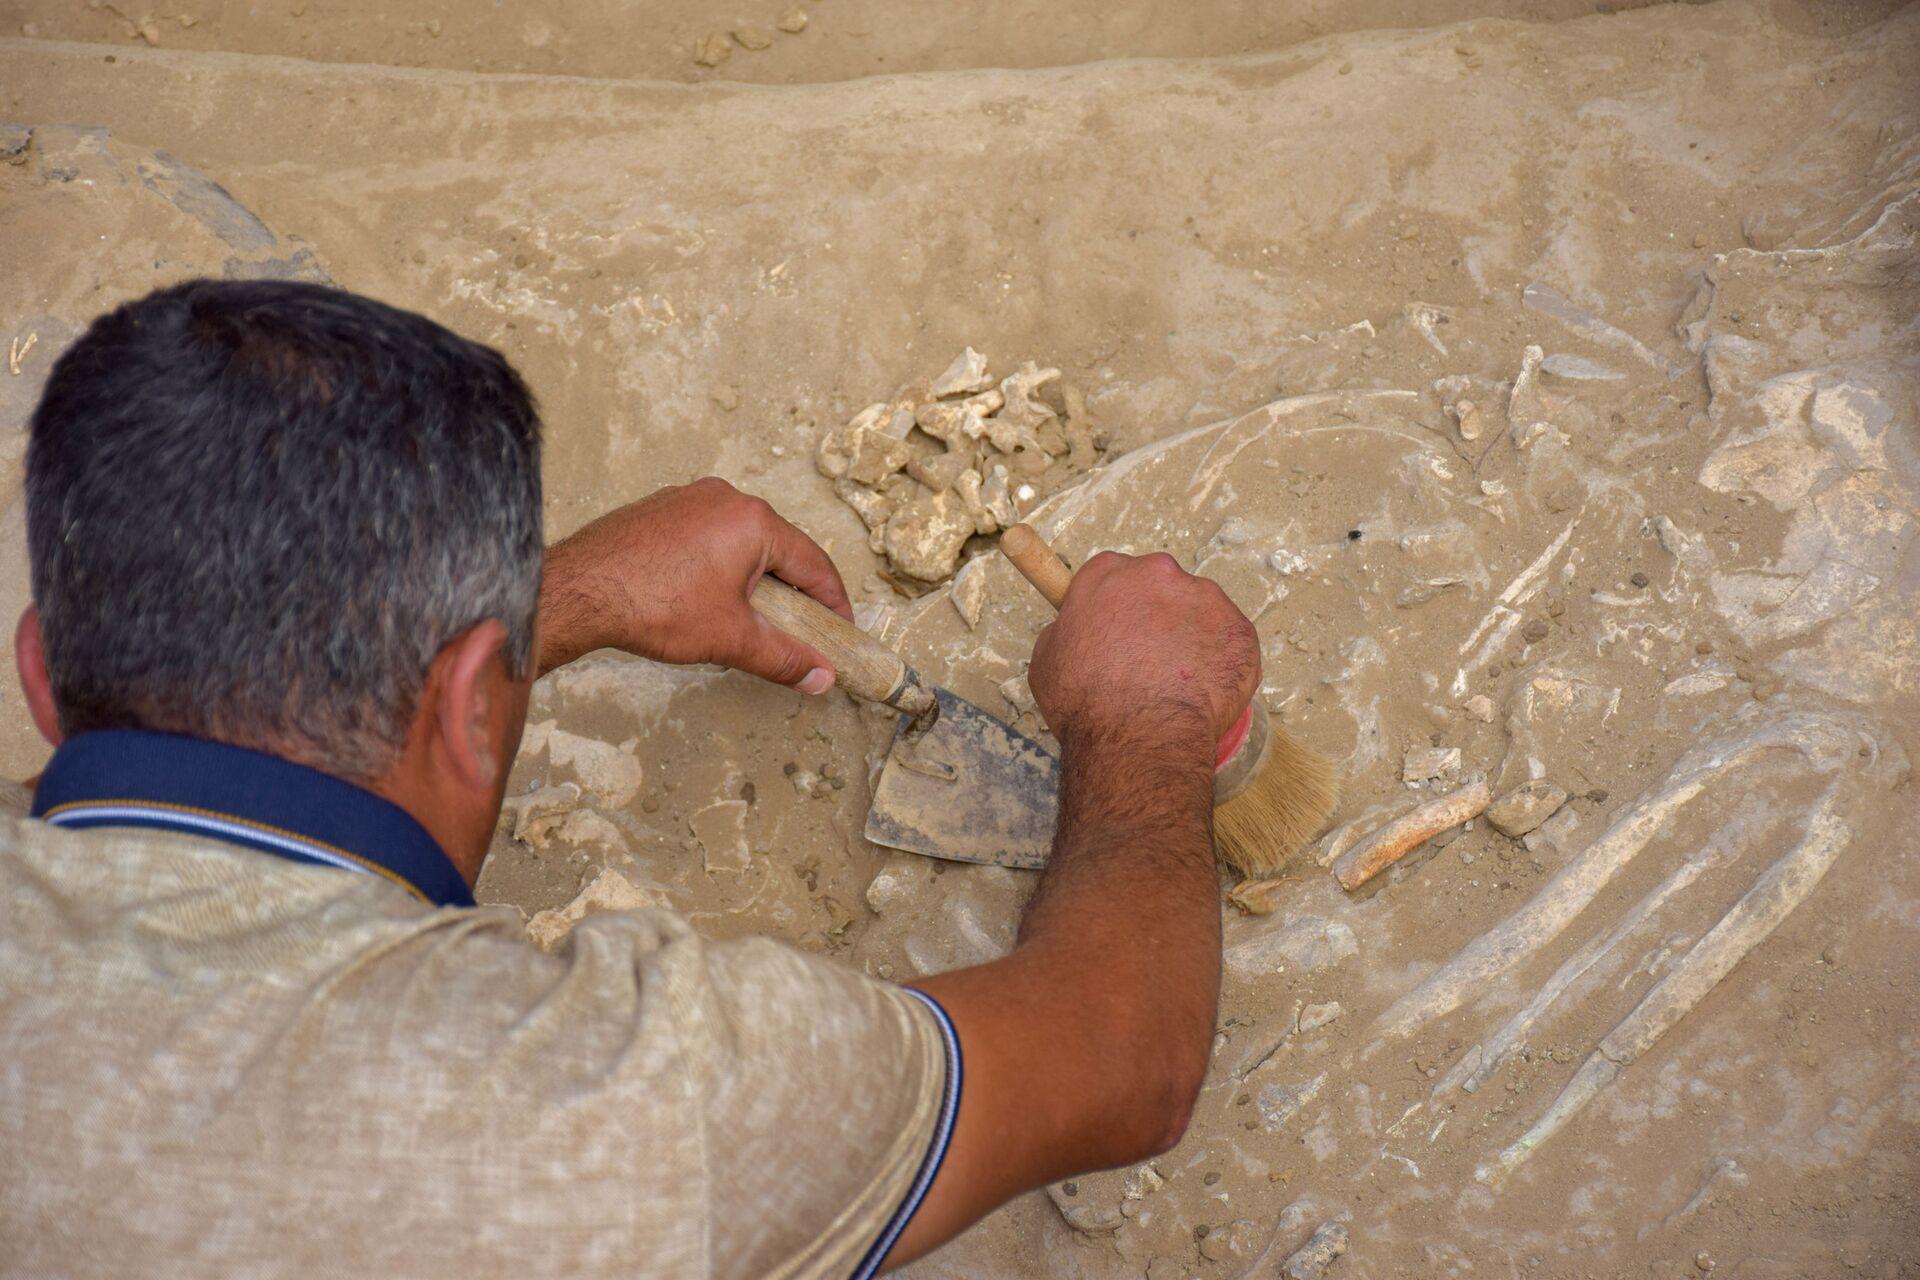 Археолог: уникальная находка, сделанная в Азербайджане, заинтересует ученых мира - Sputnik Азербайджан, 1920, 26.07.2021